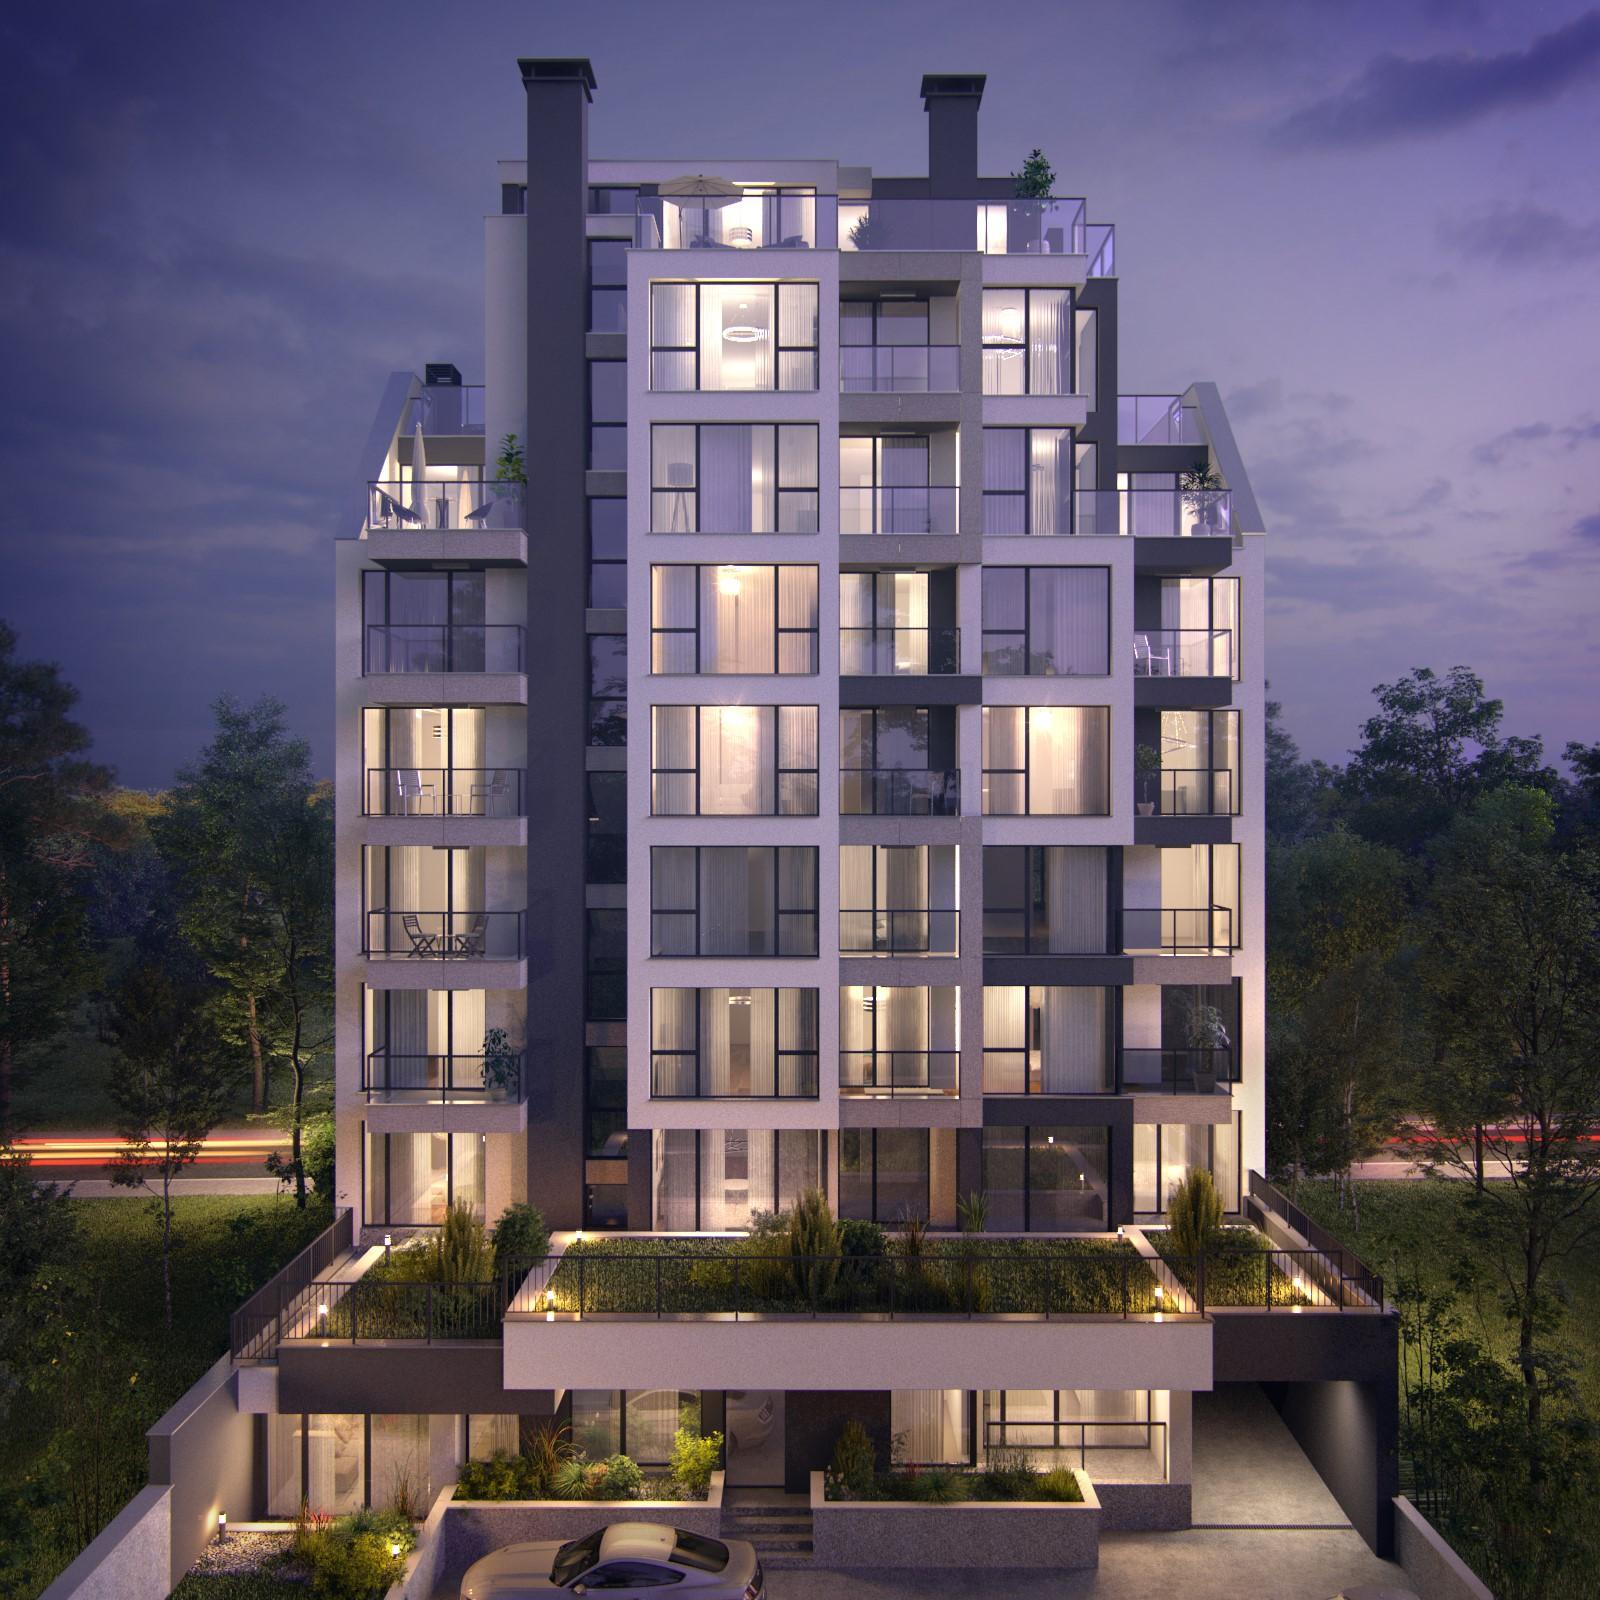 Тристаен апартамент, 116 кв. м. с три панорамни тераси, в нова луксозна жилищна сграда в идеален център, гр. София